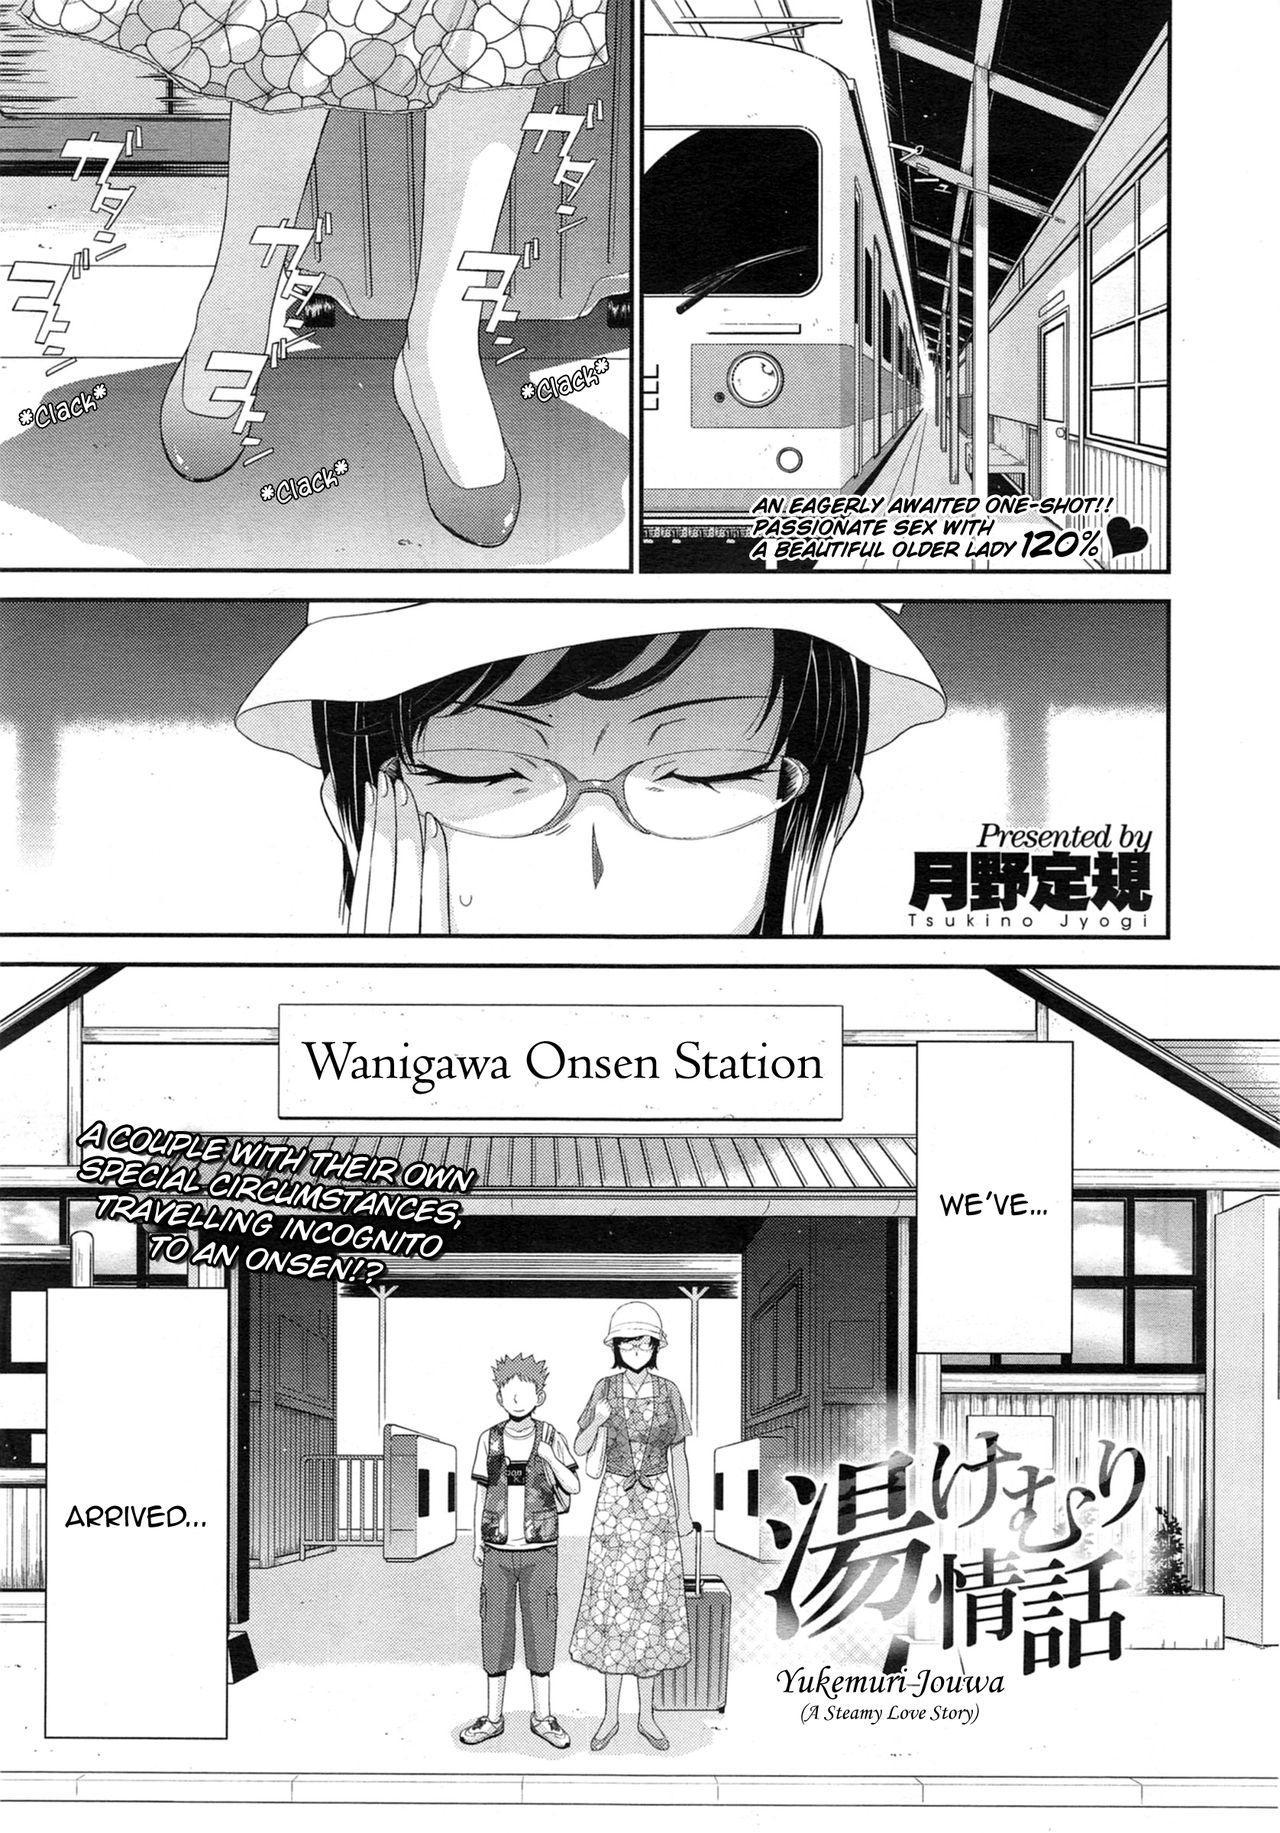 Yukemuri Jouwa - A Steamy Love Story 0